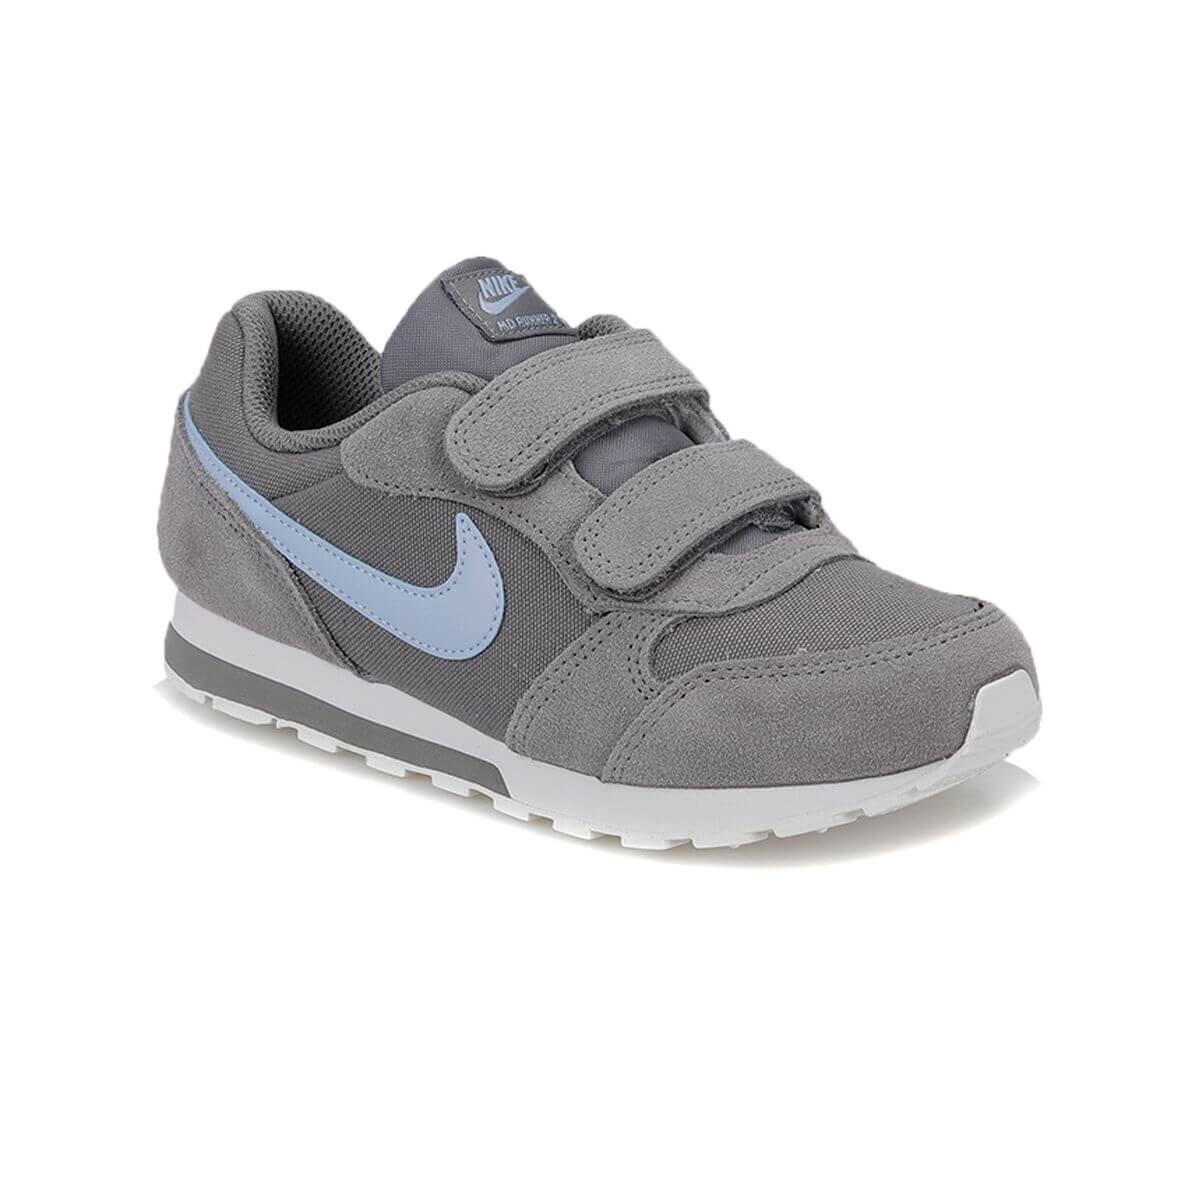 GRI Kız Çocuk Sneaker Ayakkabı MD RUNNER 2 (PSV)